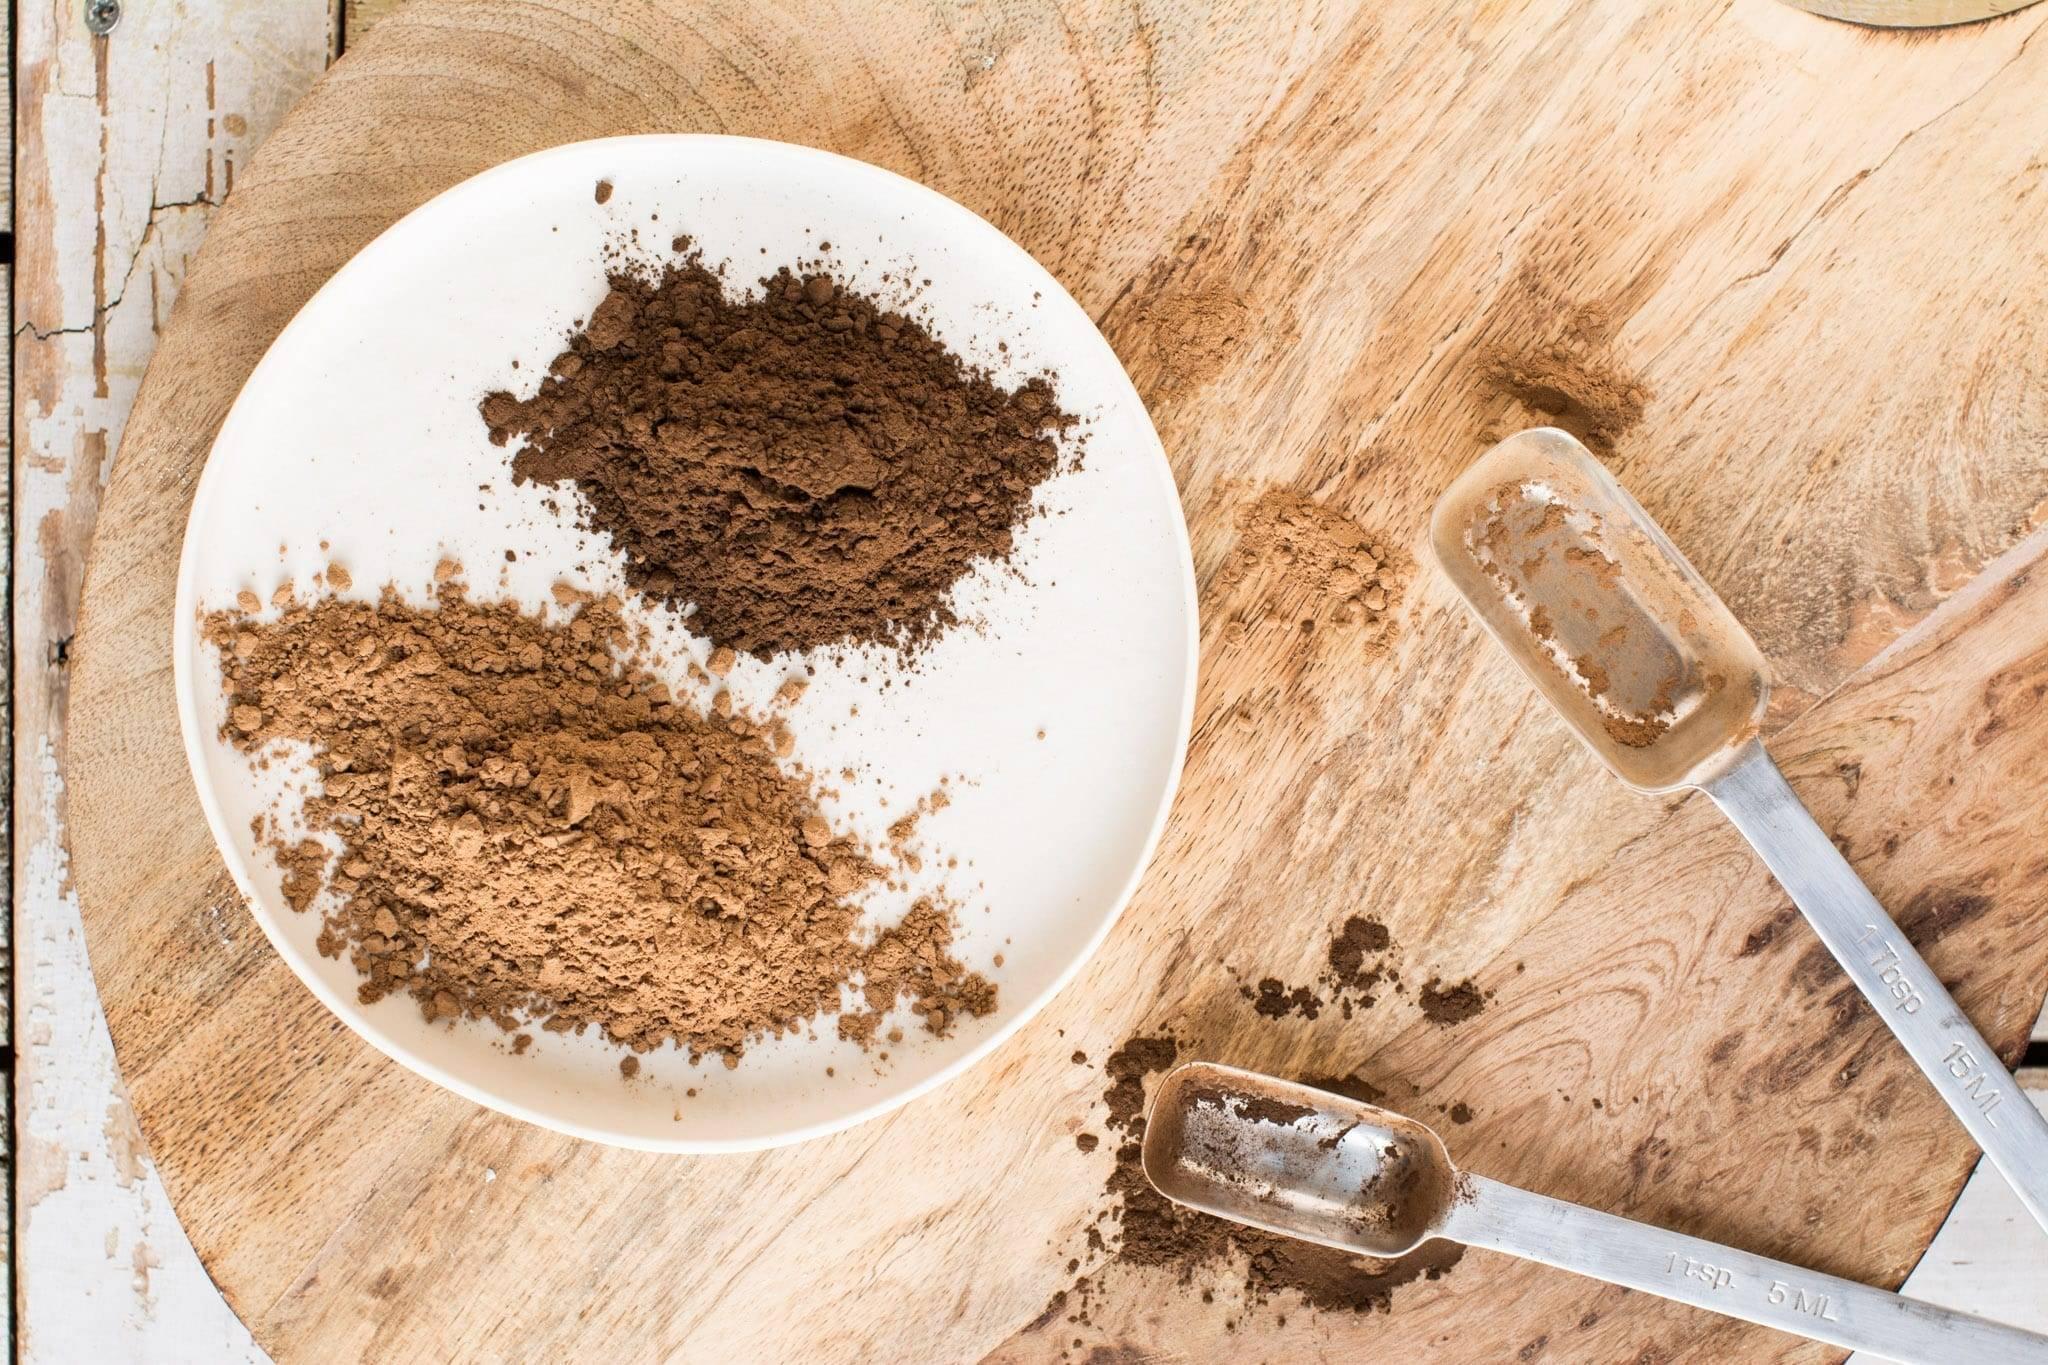 Тертое какао – что это и чем отличается от какао-порошка